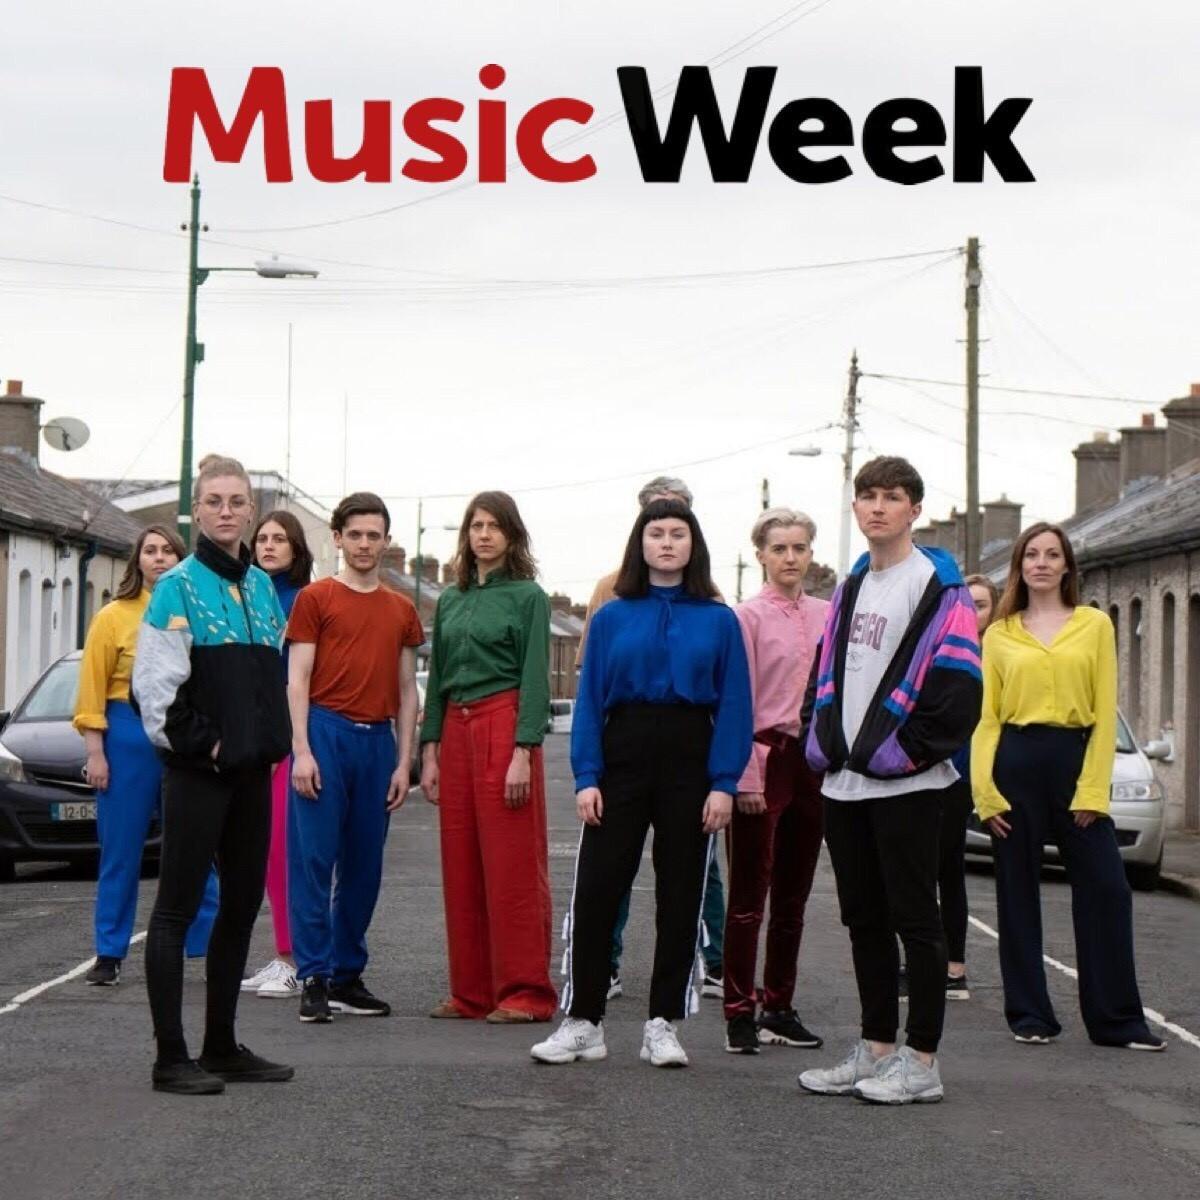 Ae mak music week